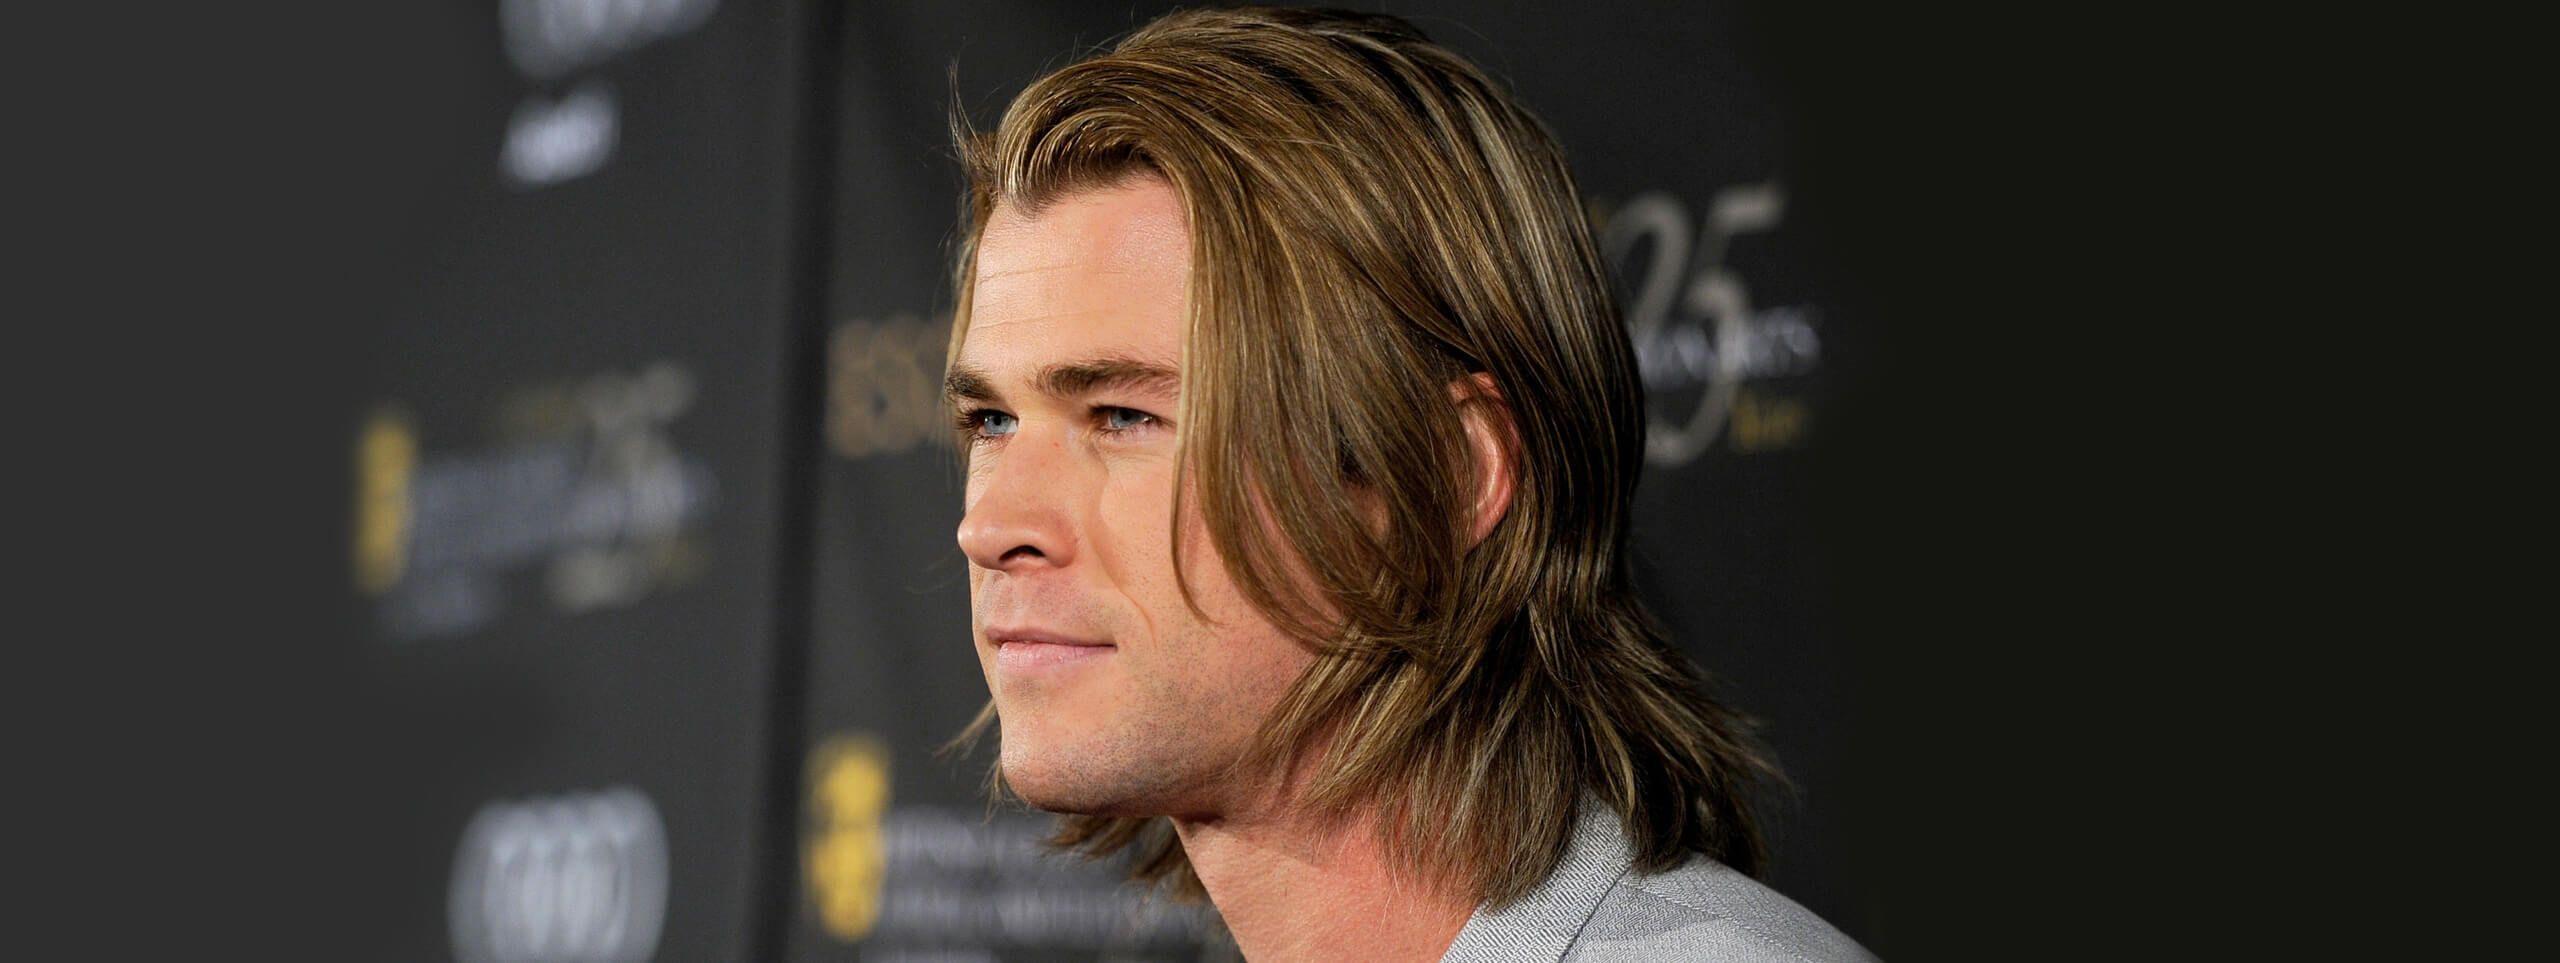 Mężczyzna z długimi blond włosami